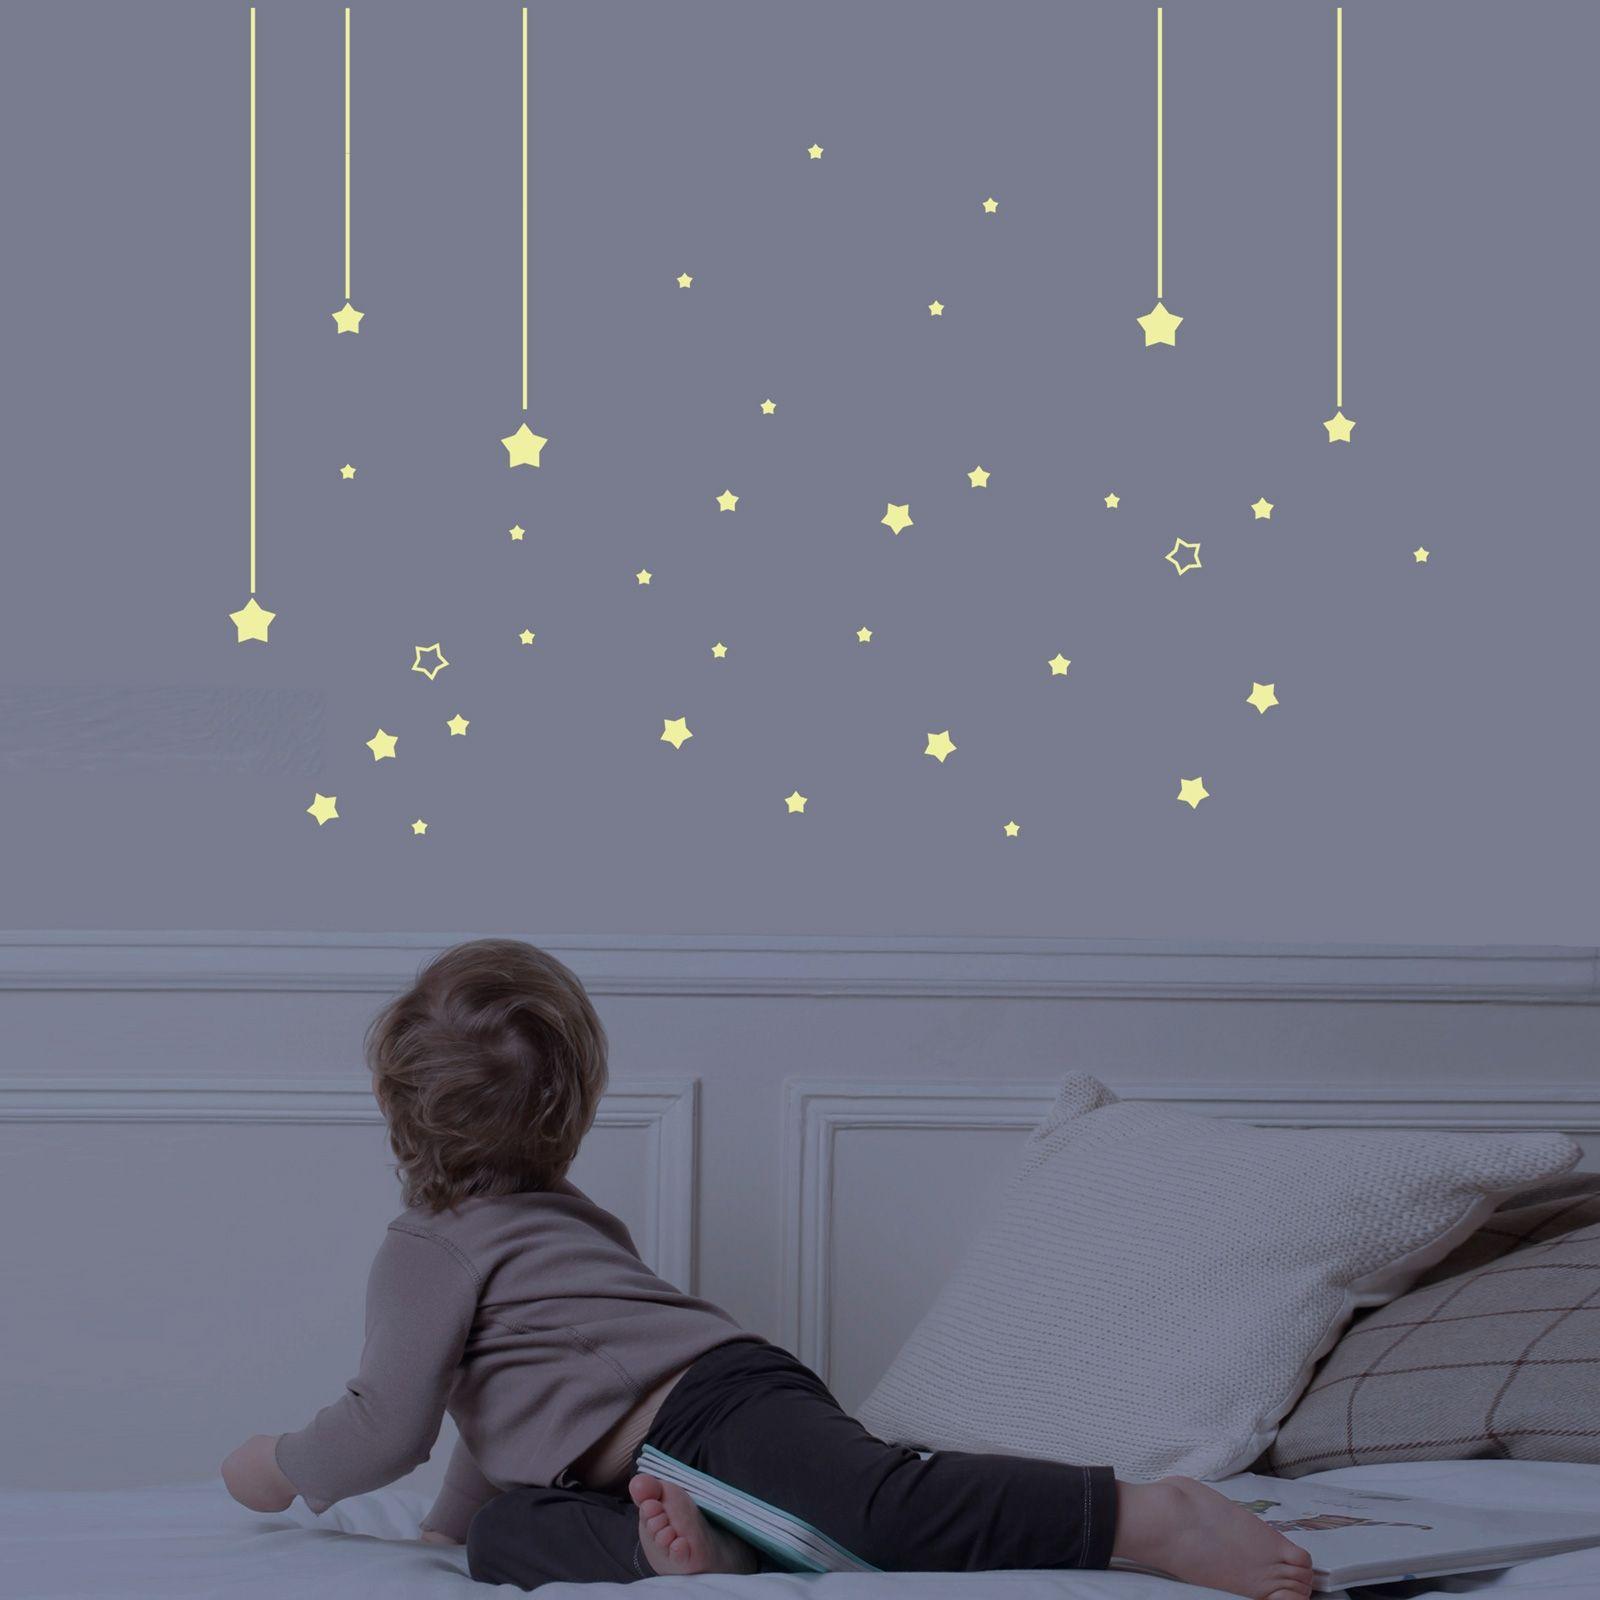 le sticker mur d étoiles phosphorescentes est un décor mural par